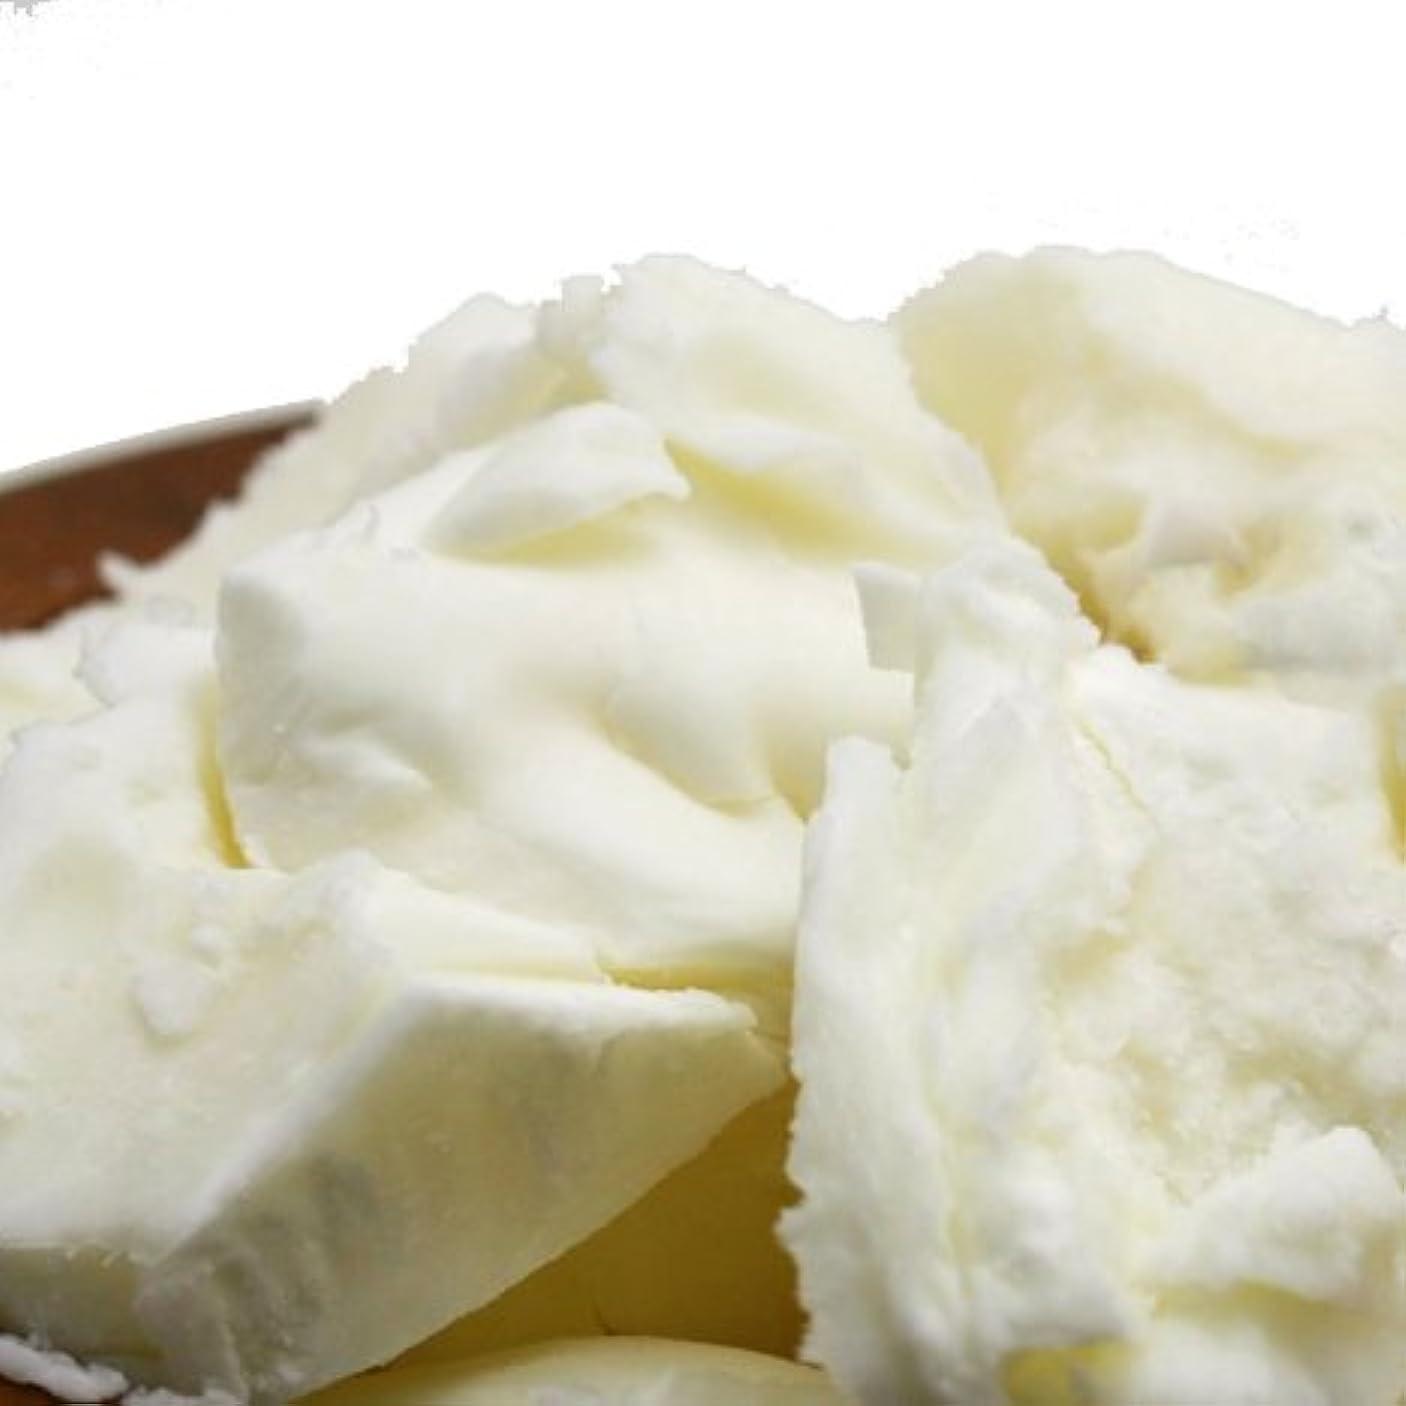 無駄めまい男らしい精製シアバター 500g シア脂 【手作り石鹸/手作りコスメ/手作り化粧品】